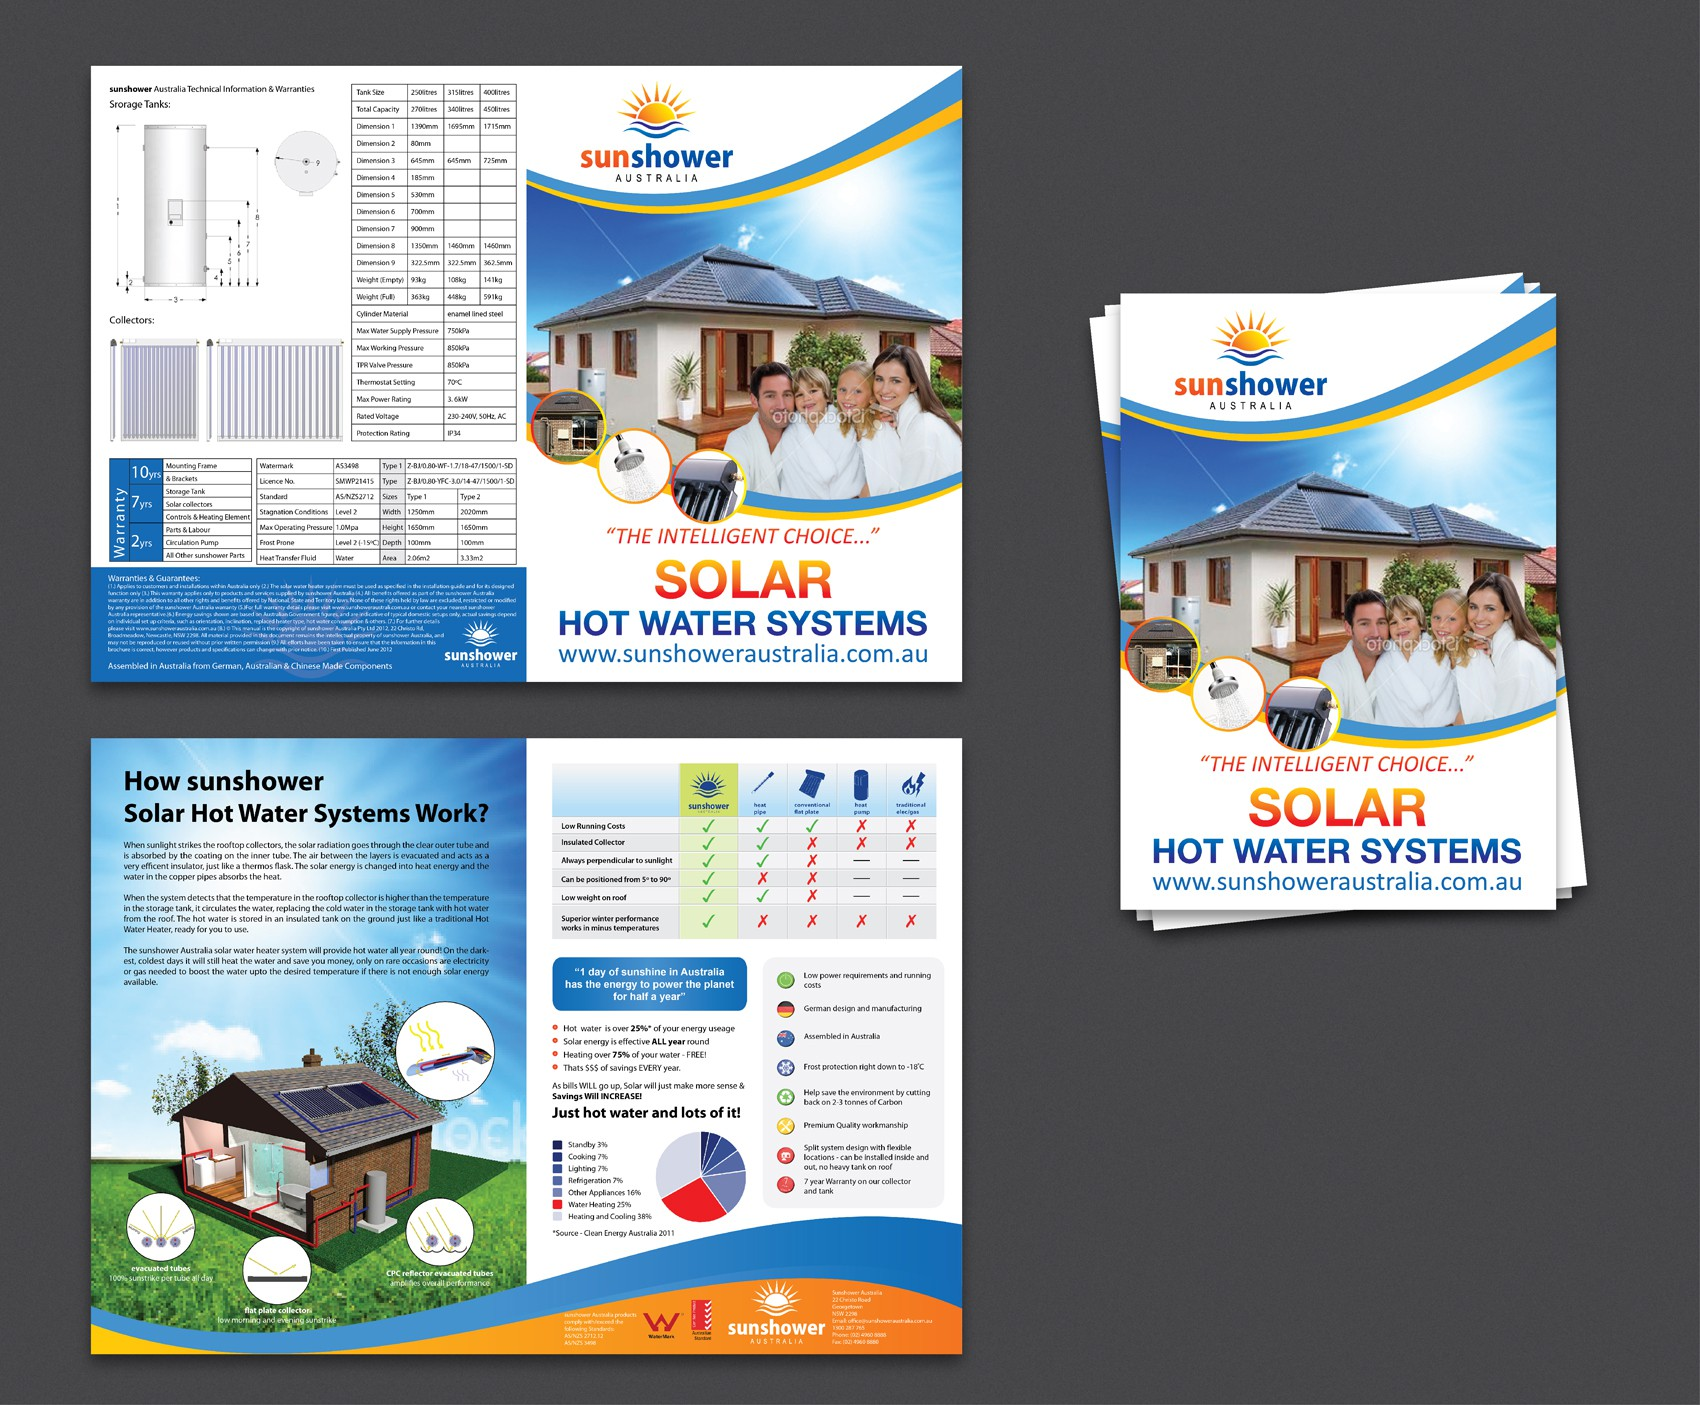 New brochure design wanted for Sunshower Australia